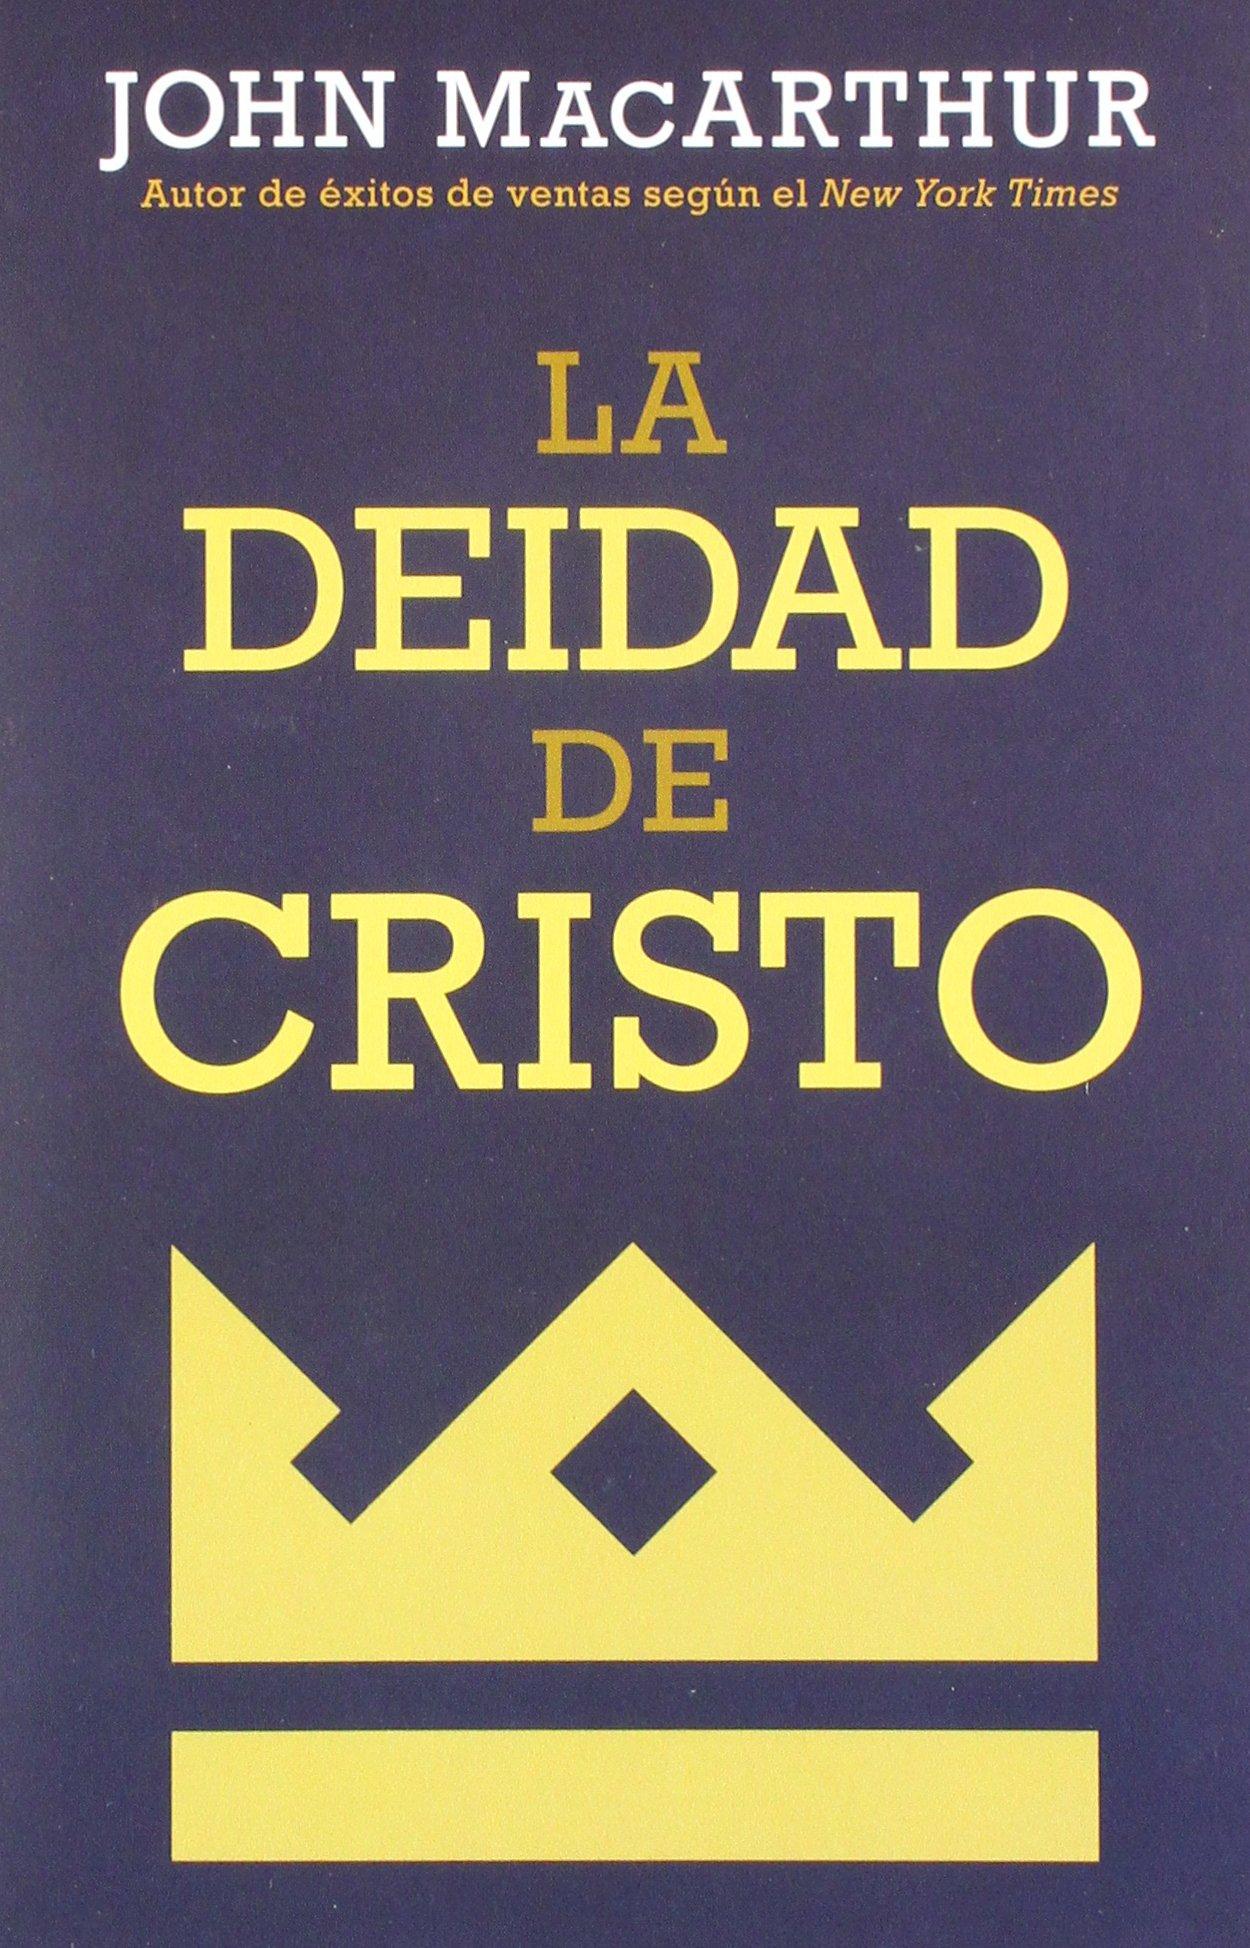 La deidad de Cristo (Spanish Edition): John MacArthur: 9780825457685:  Amazon.com: Books